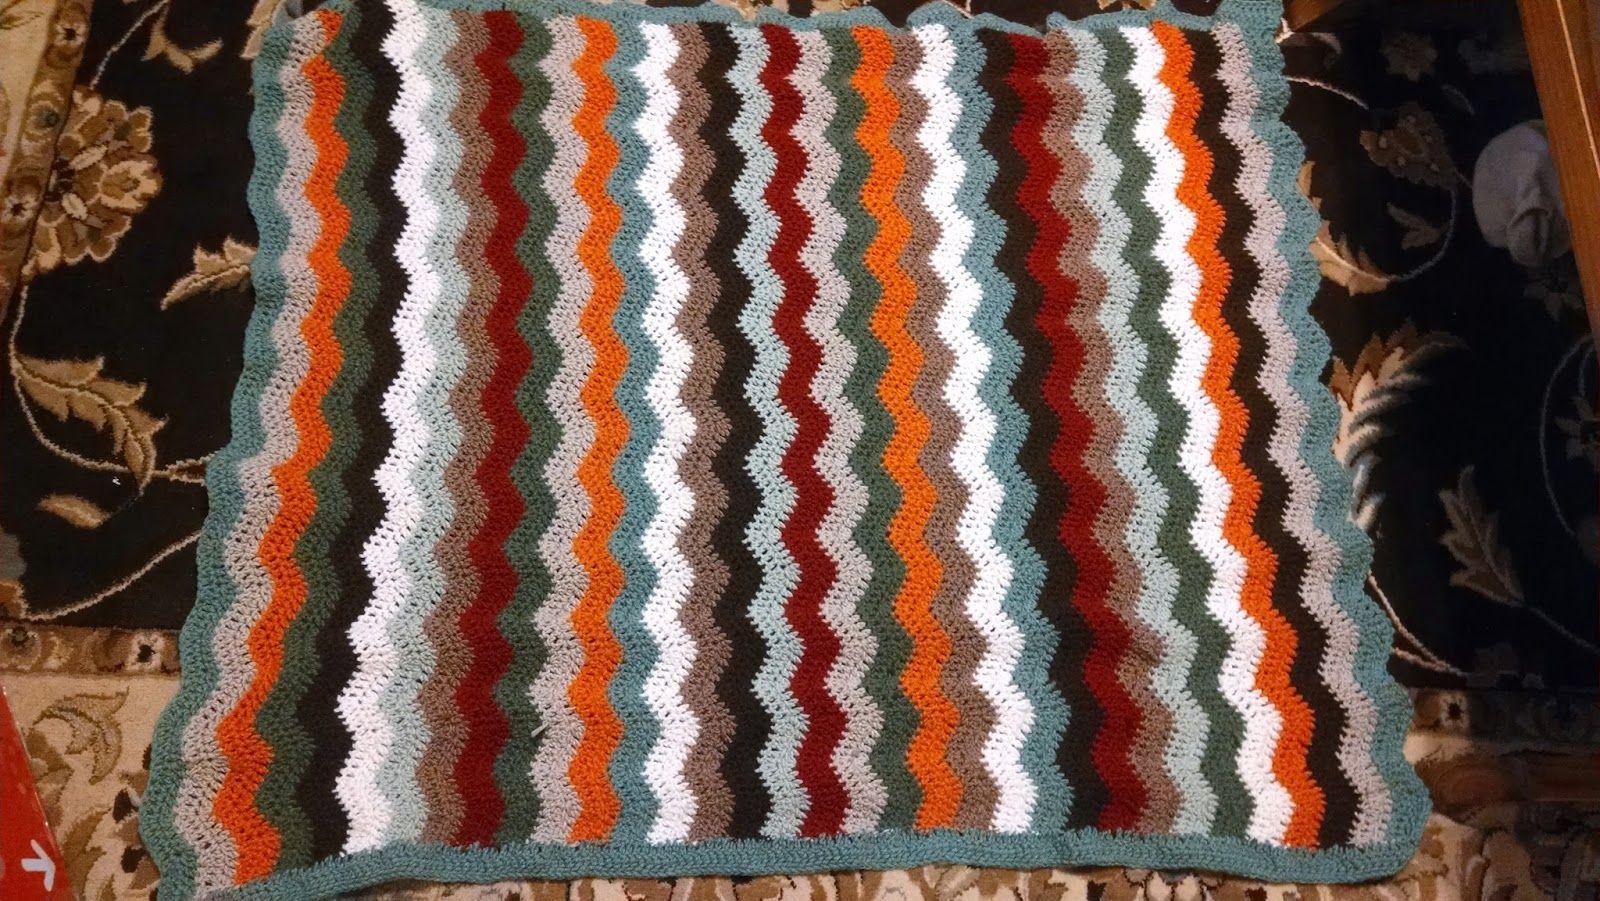 Stroller blanket made of Leftover Yarn